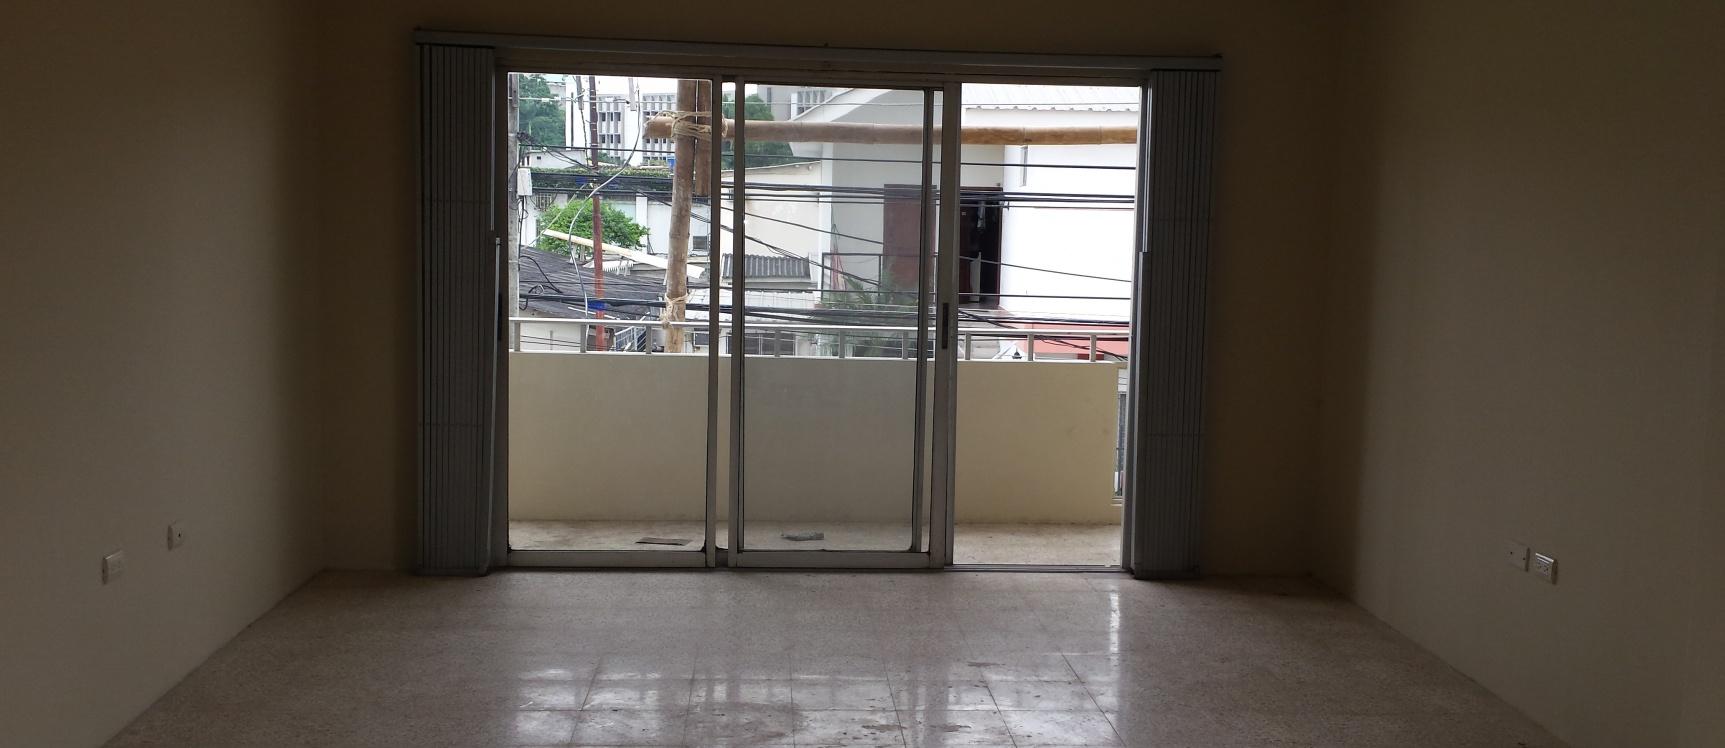 GeoBienes - Urdesa Norte Alquilo oficina o  departamento  - Plusvalia Guayaquil Casas de venta y alquiler Inmobiliaria Ecuador